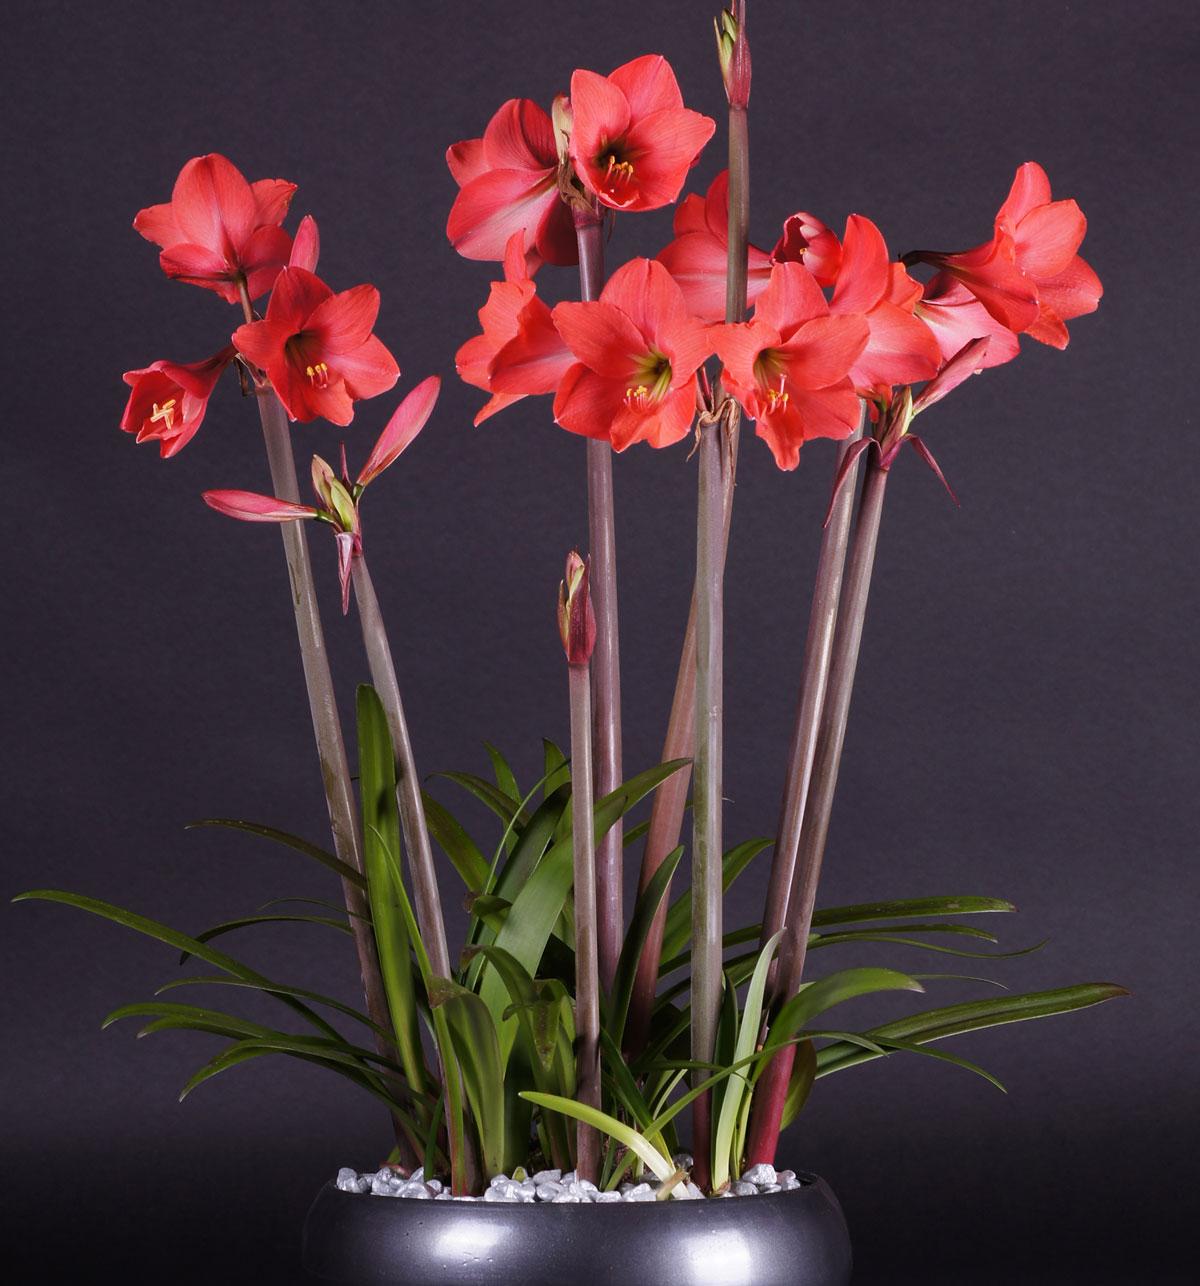 2101368 Hippeastrum  Jaloritarinkukka, Amaryllis, 'Pink Garden'